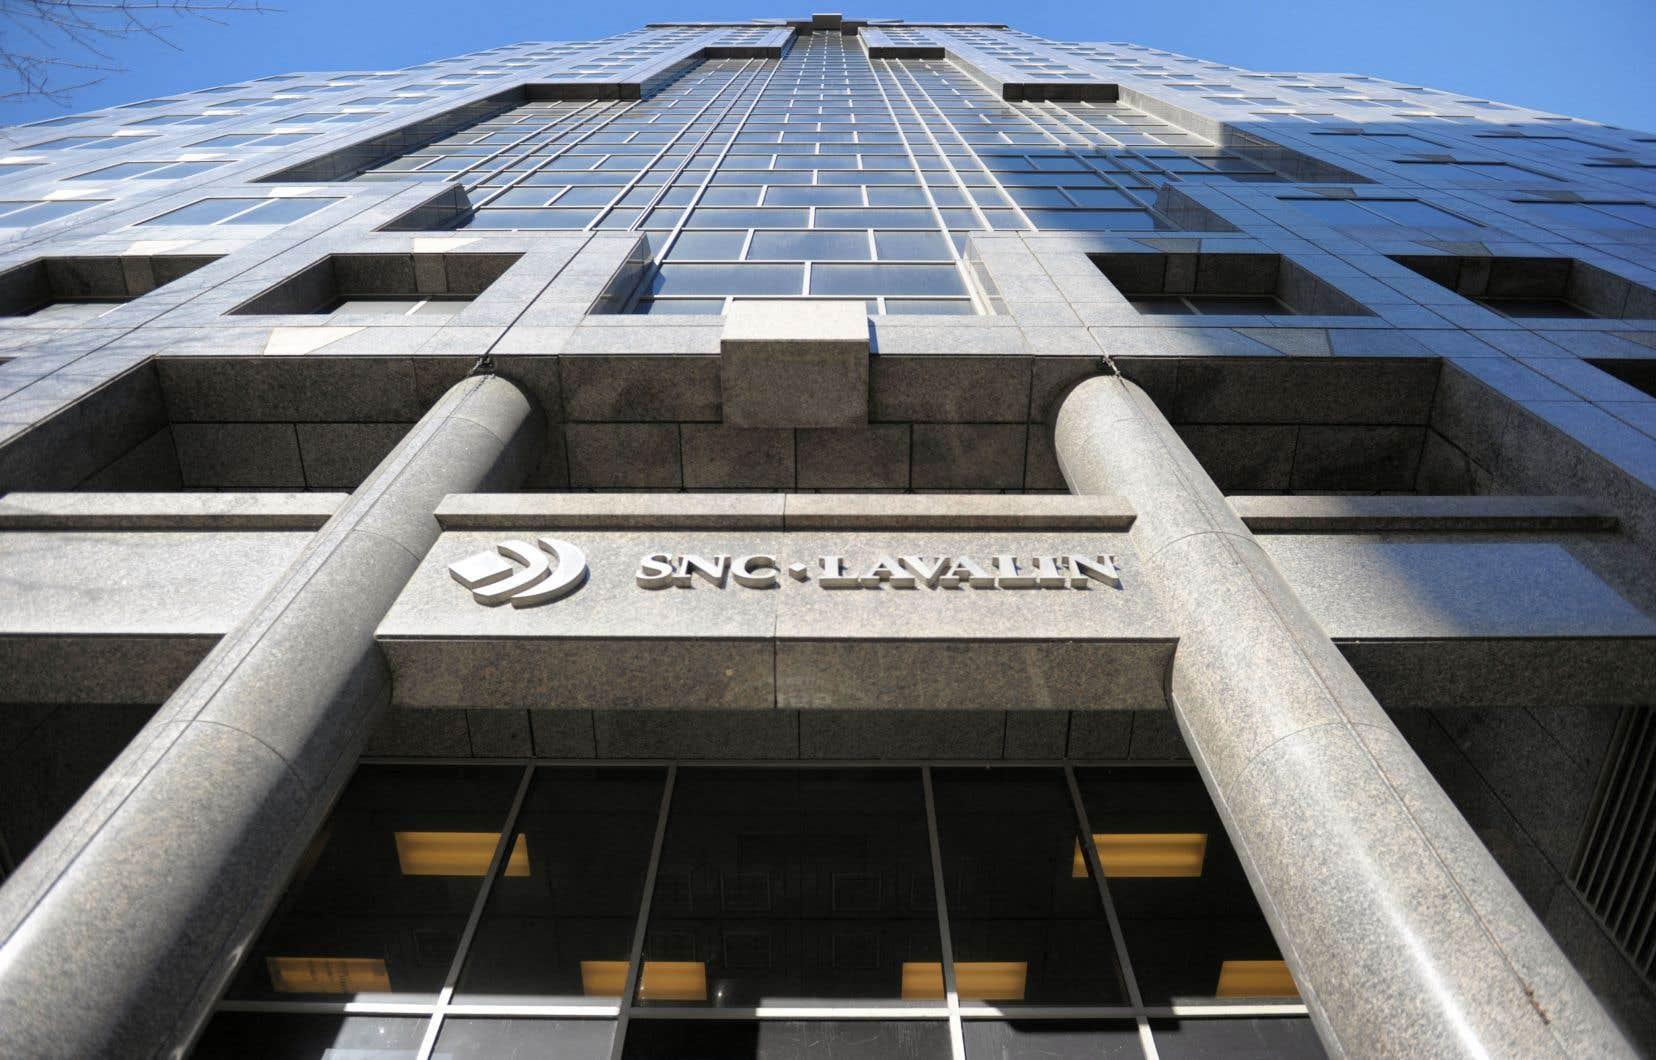 En 2020, SNC-Lavalin a réalisé 20% de ses revenus annuels de 7milliards aux États-Unis, son troisième marché en importance derrière le Canada et le Royaume-Uni.